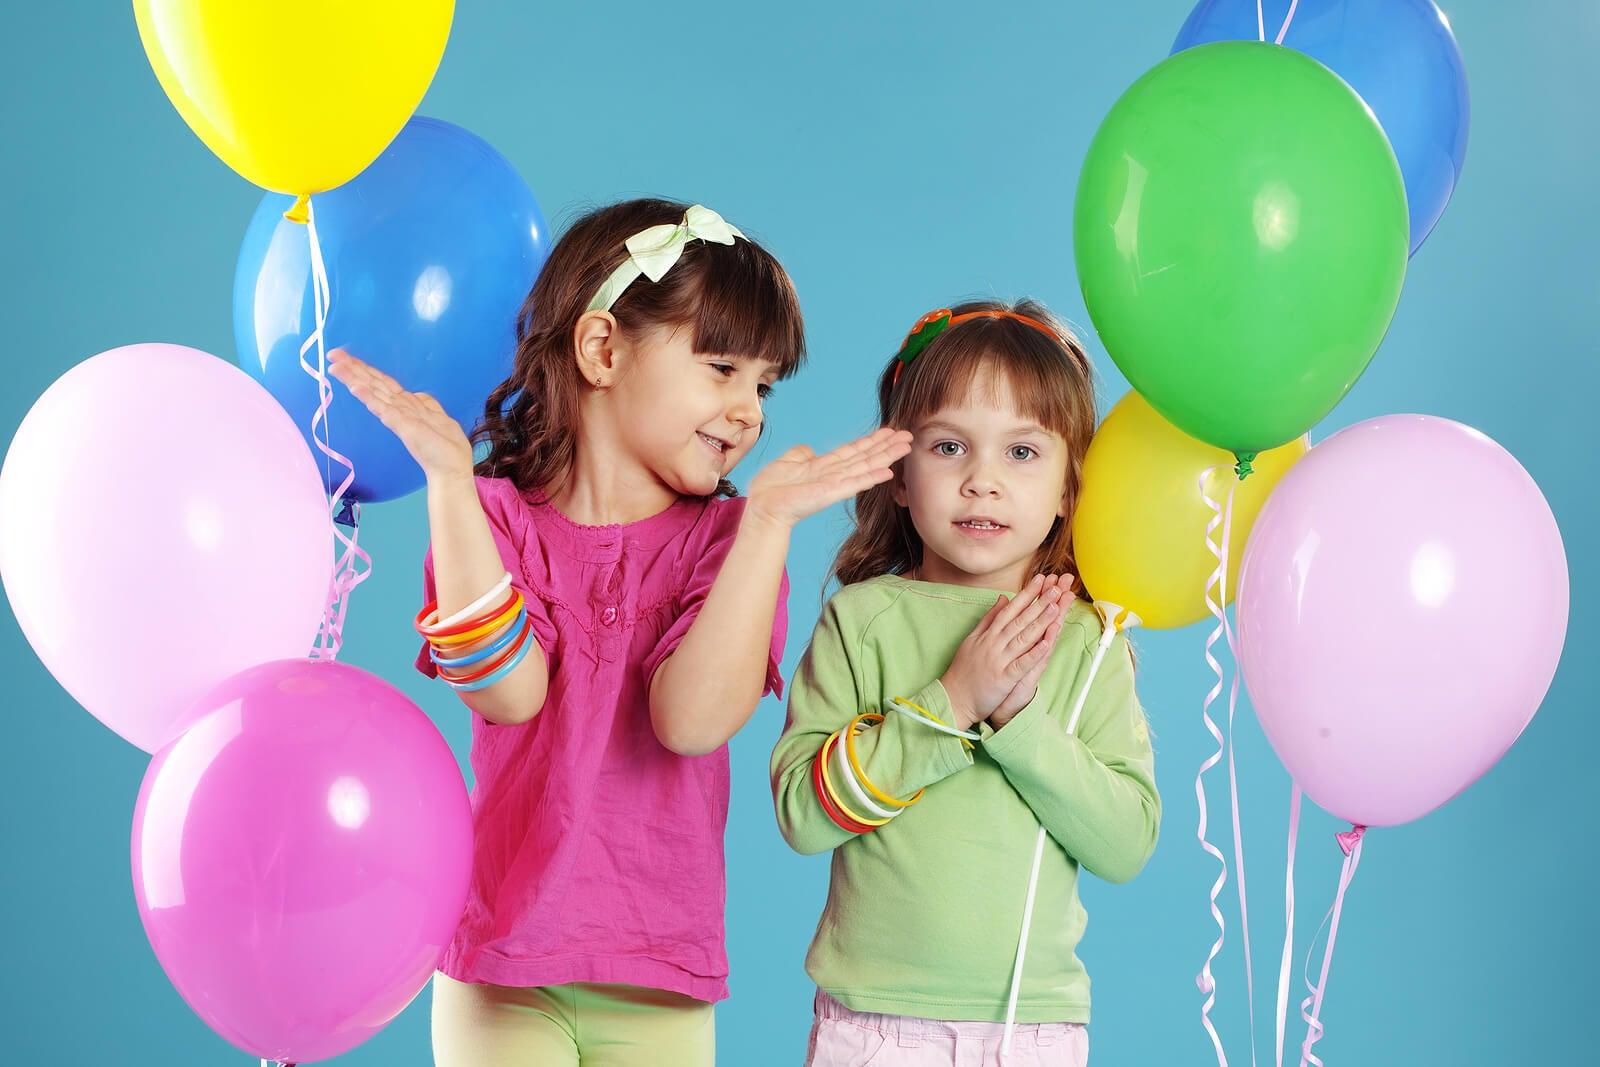 Niñas con globos en su fiesta de cumpleaños.